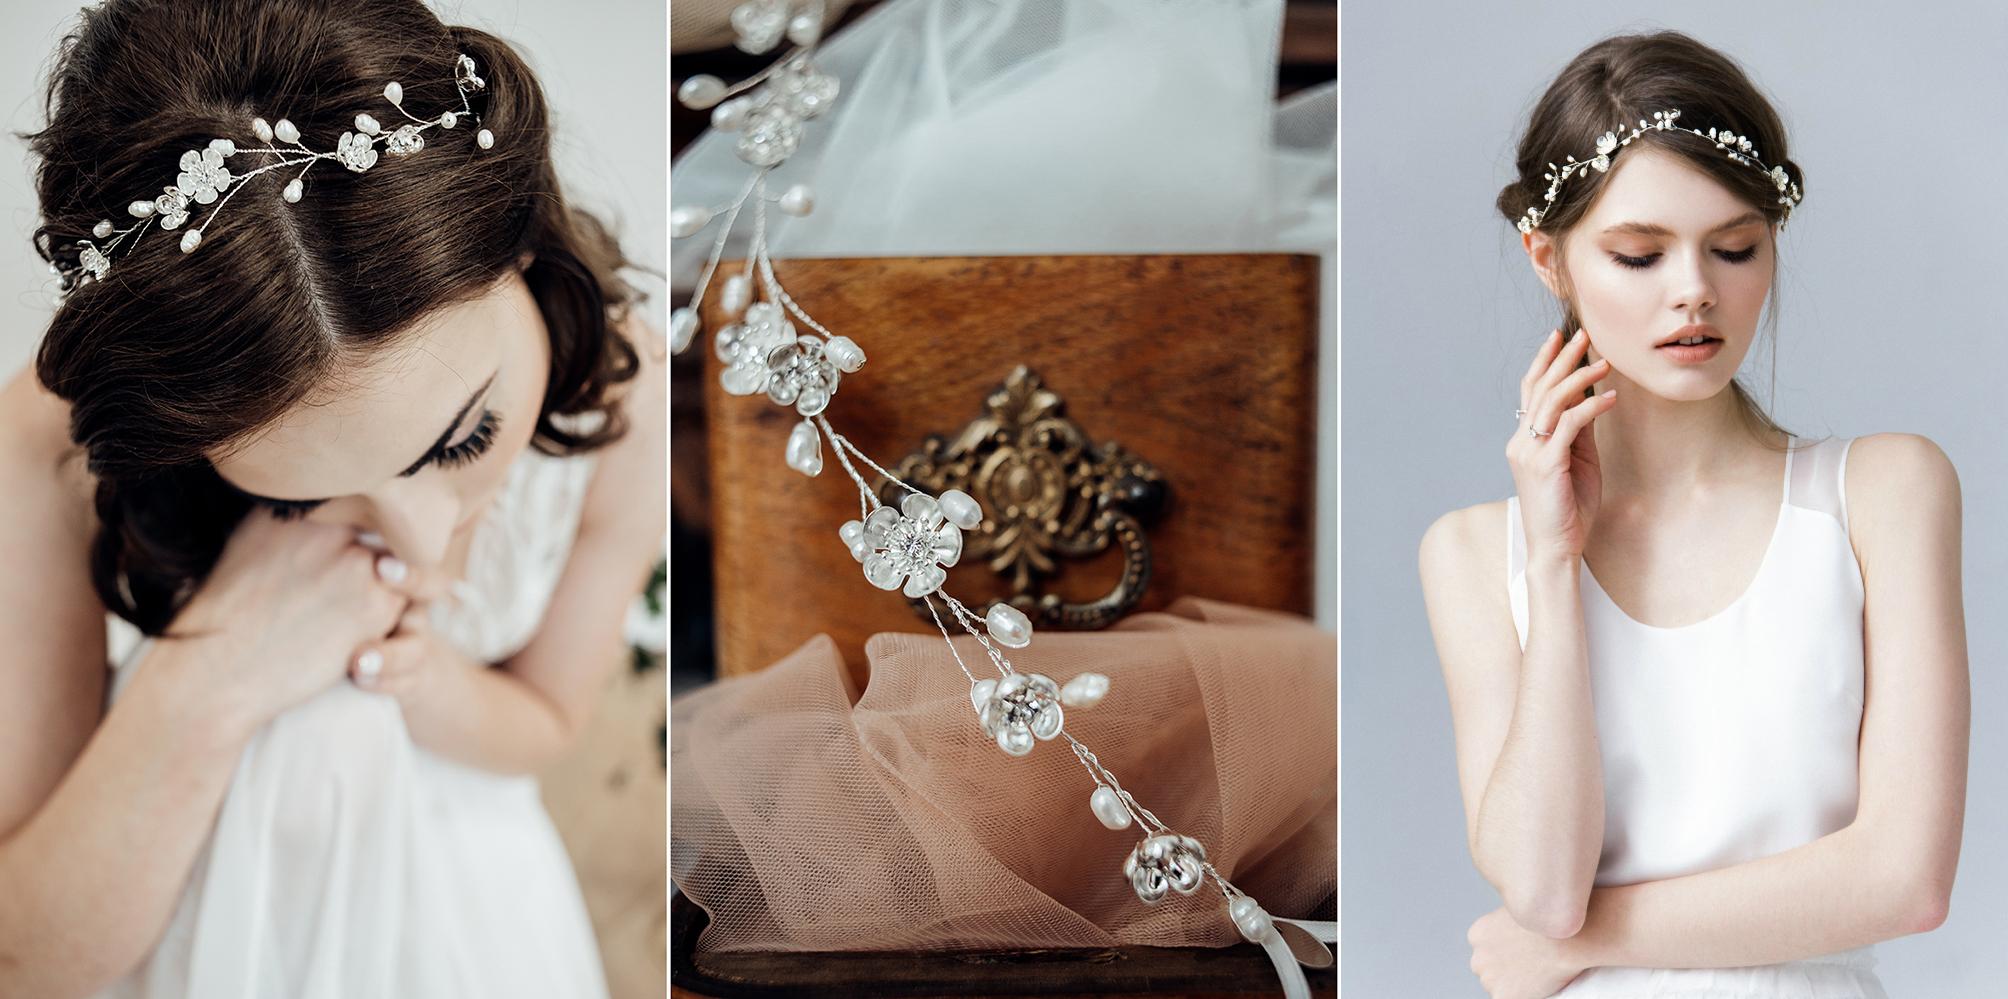 6aa83cfe74 ... jak księżniczka dobrym rozwiązaniem są tiary wysadzane kryształkami lub  perełkami. Piękne suknie ślubne wspaniale współgrają również z takimi  dodatkami.